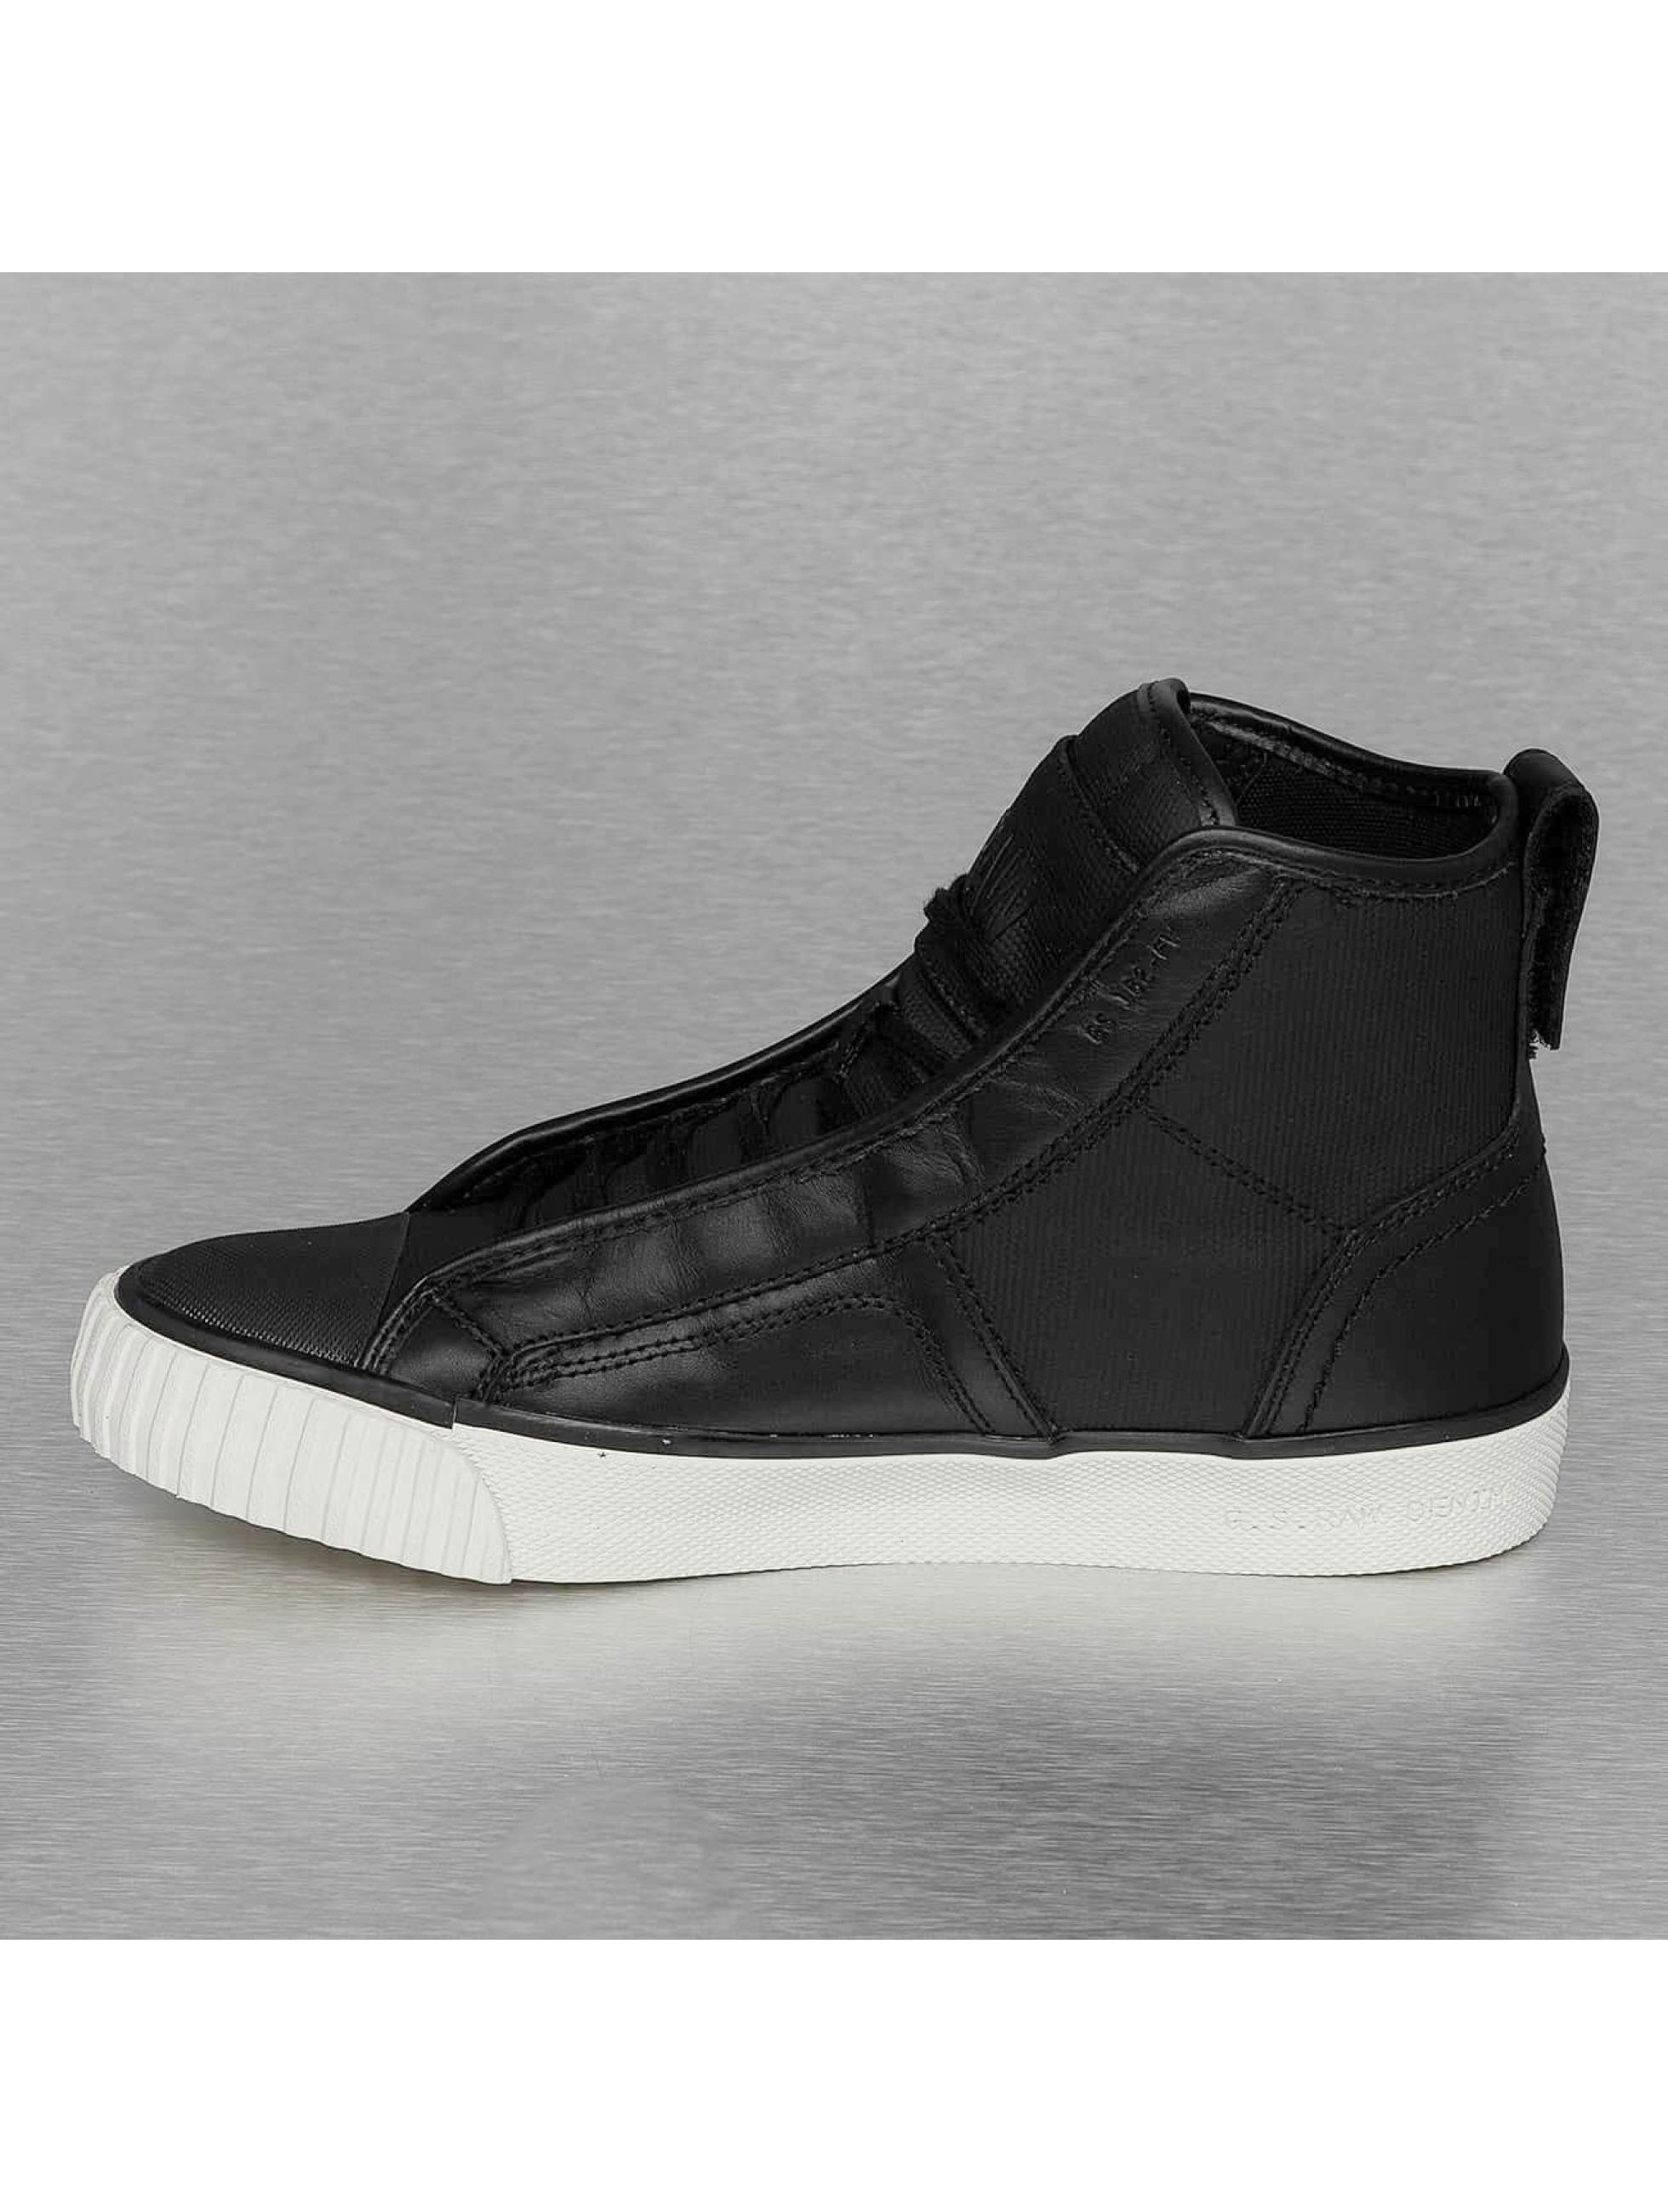 G-Star Footwear Baskets Scuba Neoprene noir